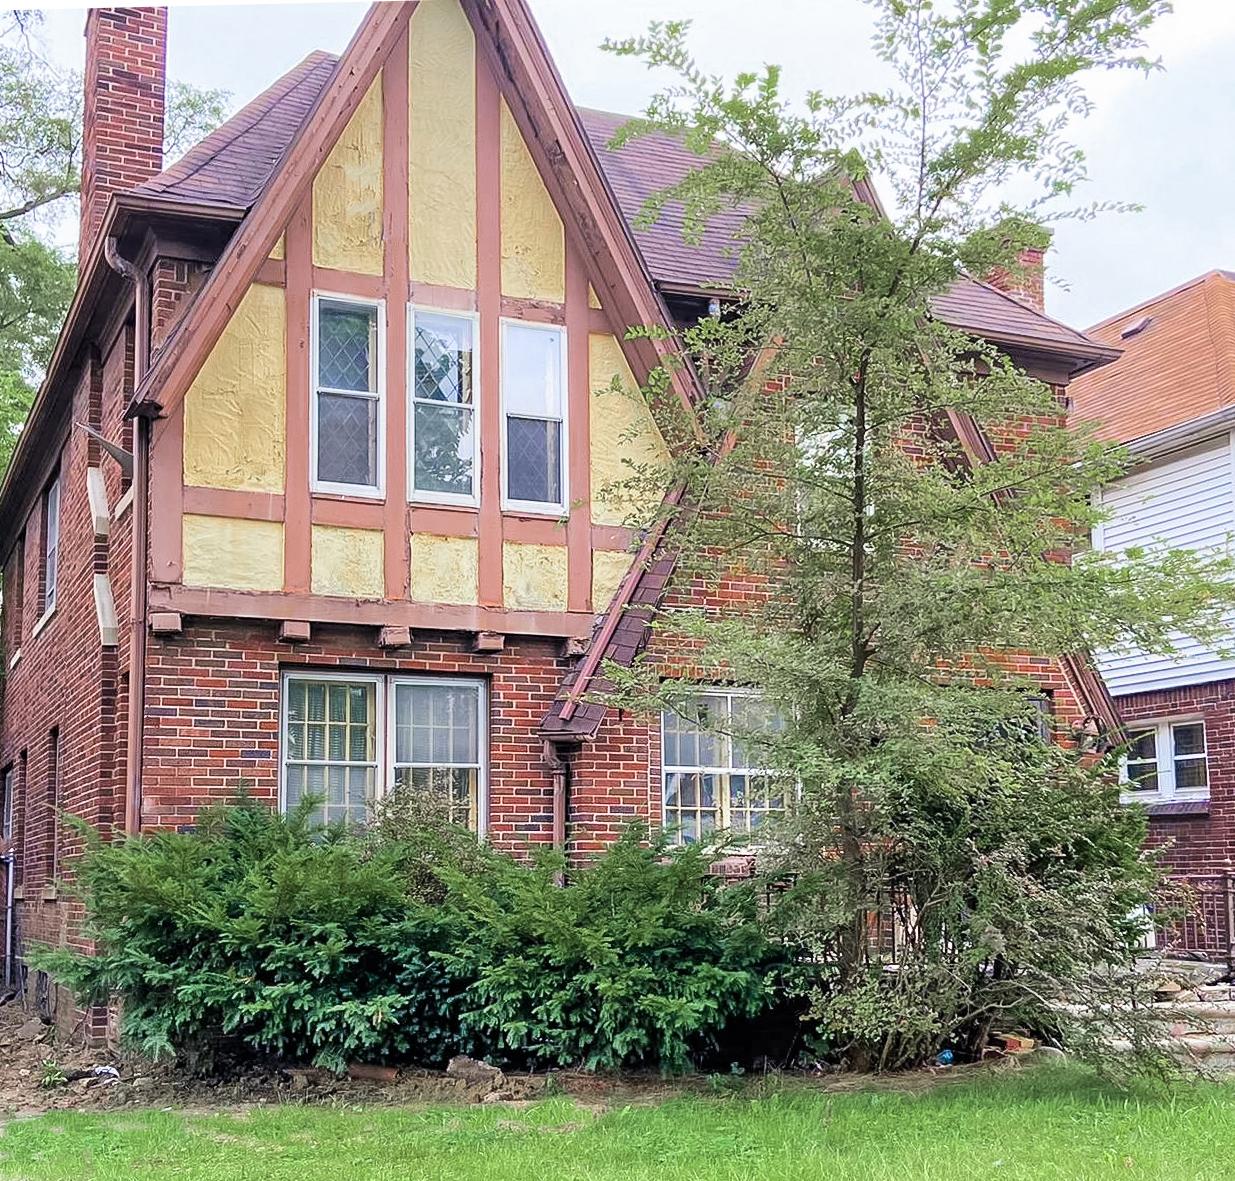 Foto de 2633 Burlingame St, Detroit, MI, 48206